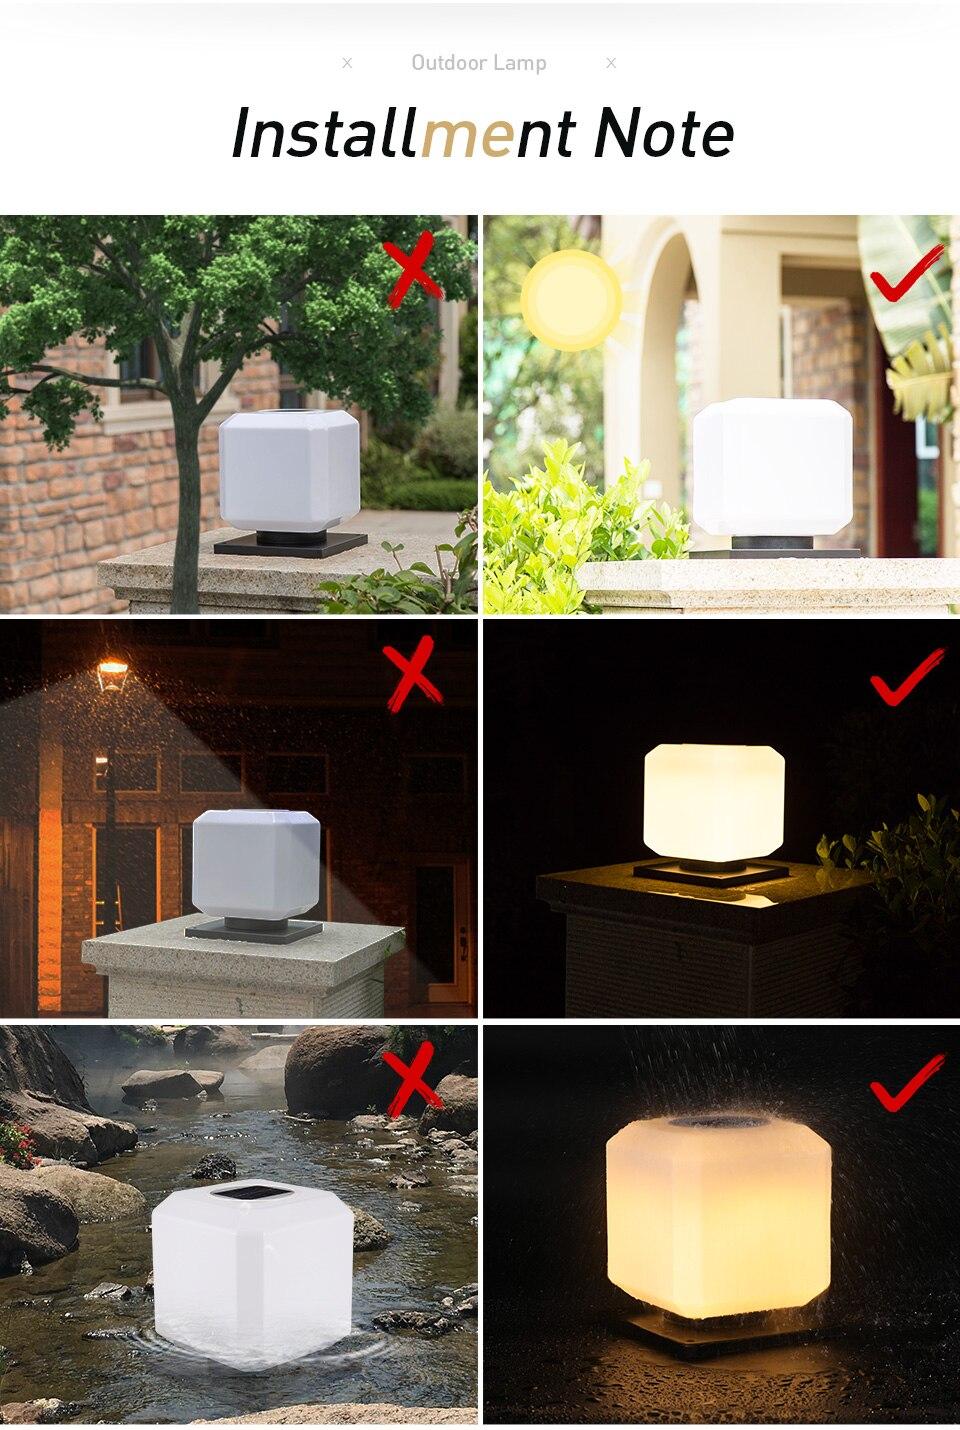 Coluna Lâmpada Ao Ar Livre Movido A Energia Solar Jardim Luzes Decorativas Pilar Post Cap Lamp Iluminação De Segurança À Prova D' Água para o Pátio Villa